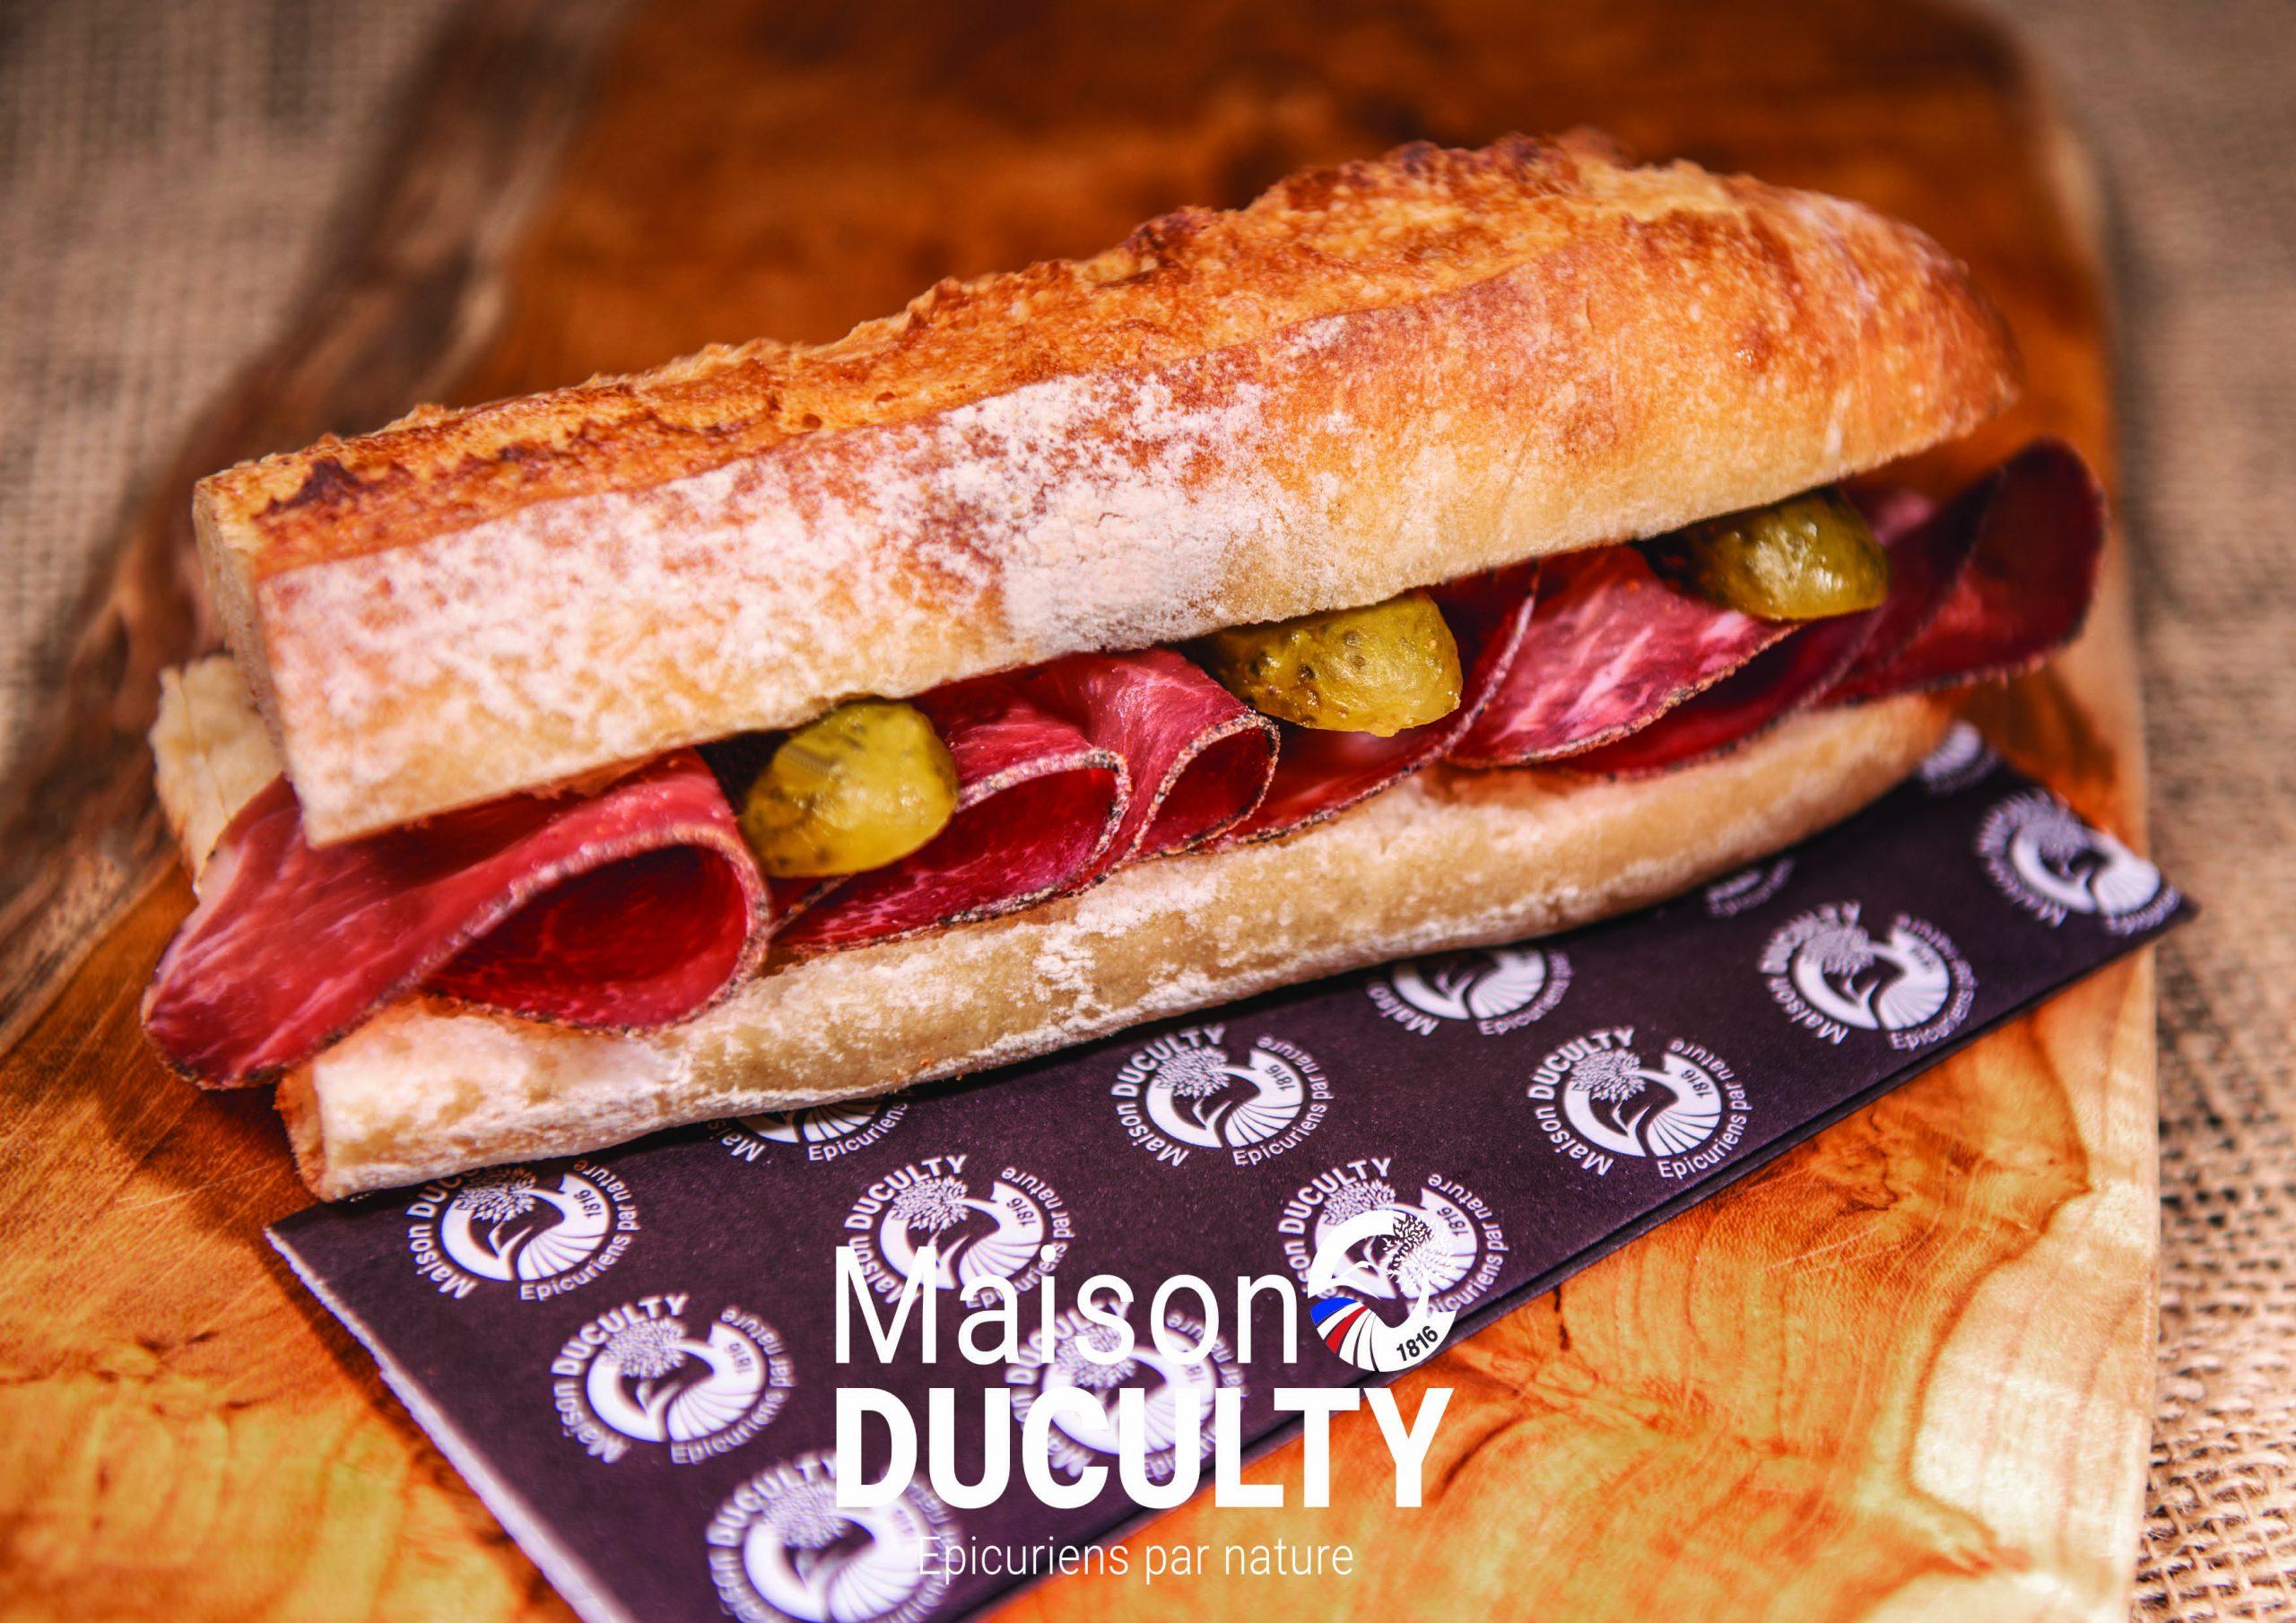 Sandwich Duculty